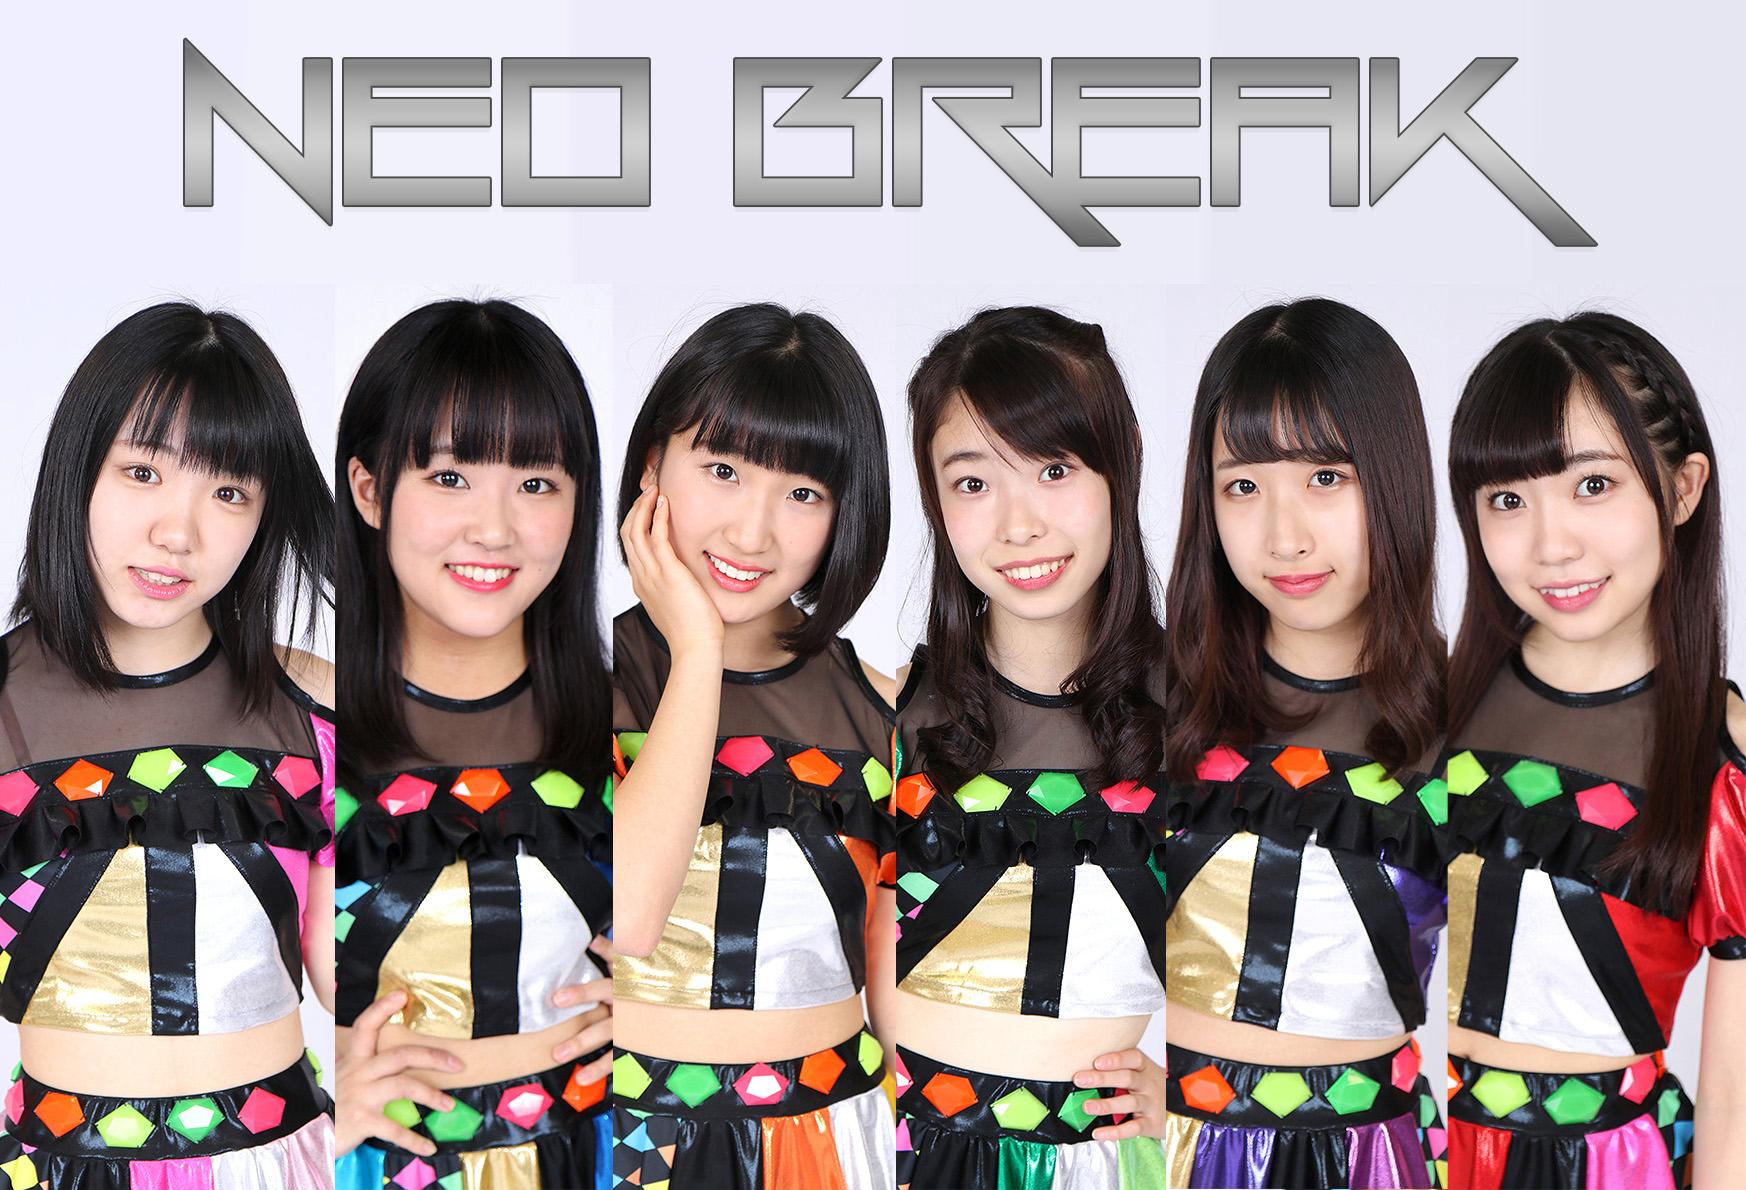 女子箱 -ガールズボックス #55- 〜give a dance!!〜